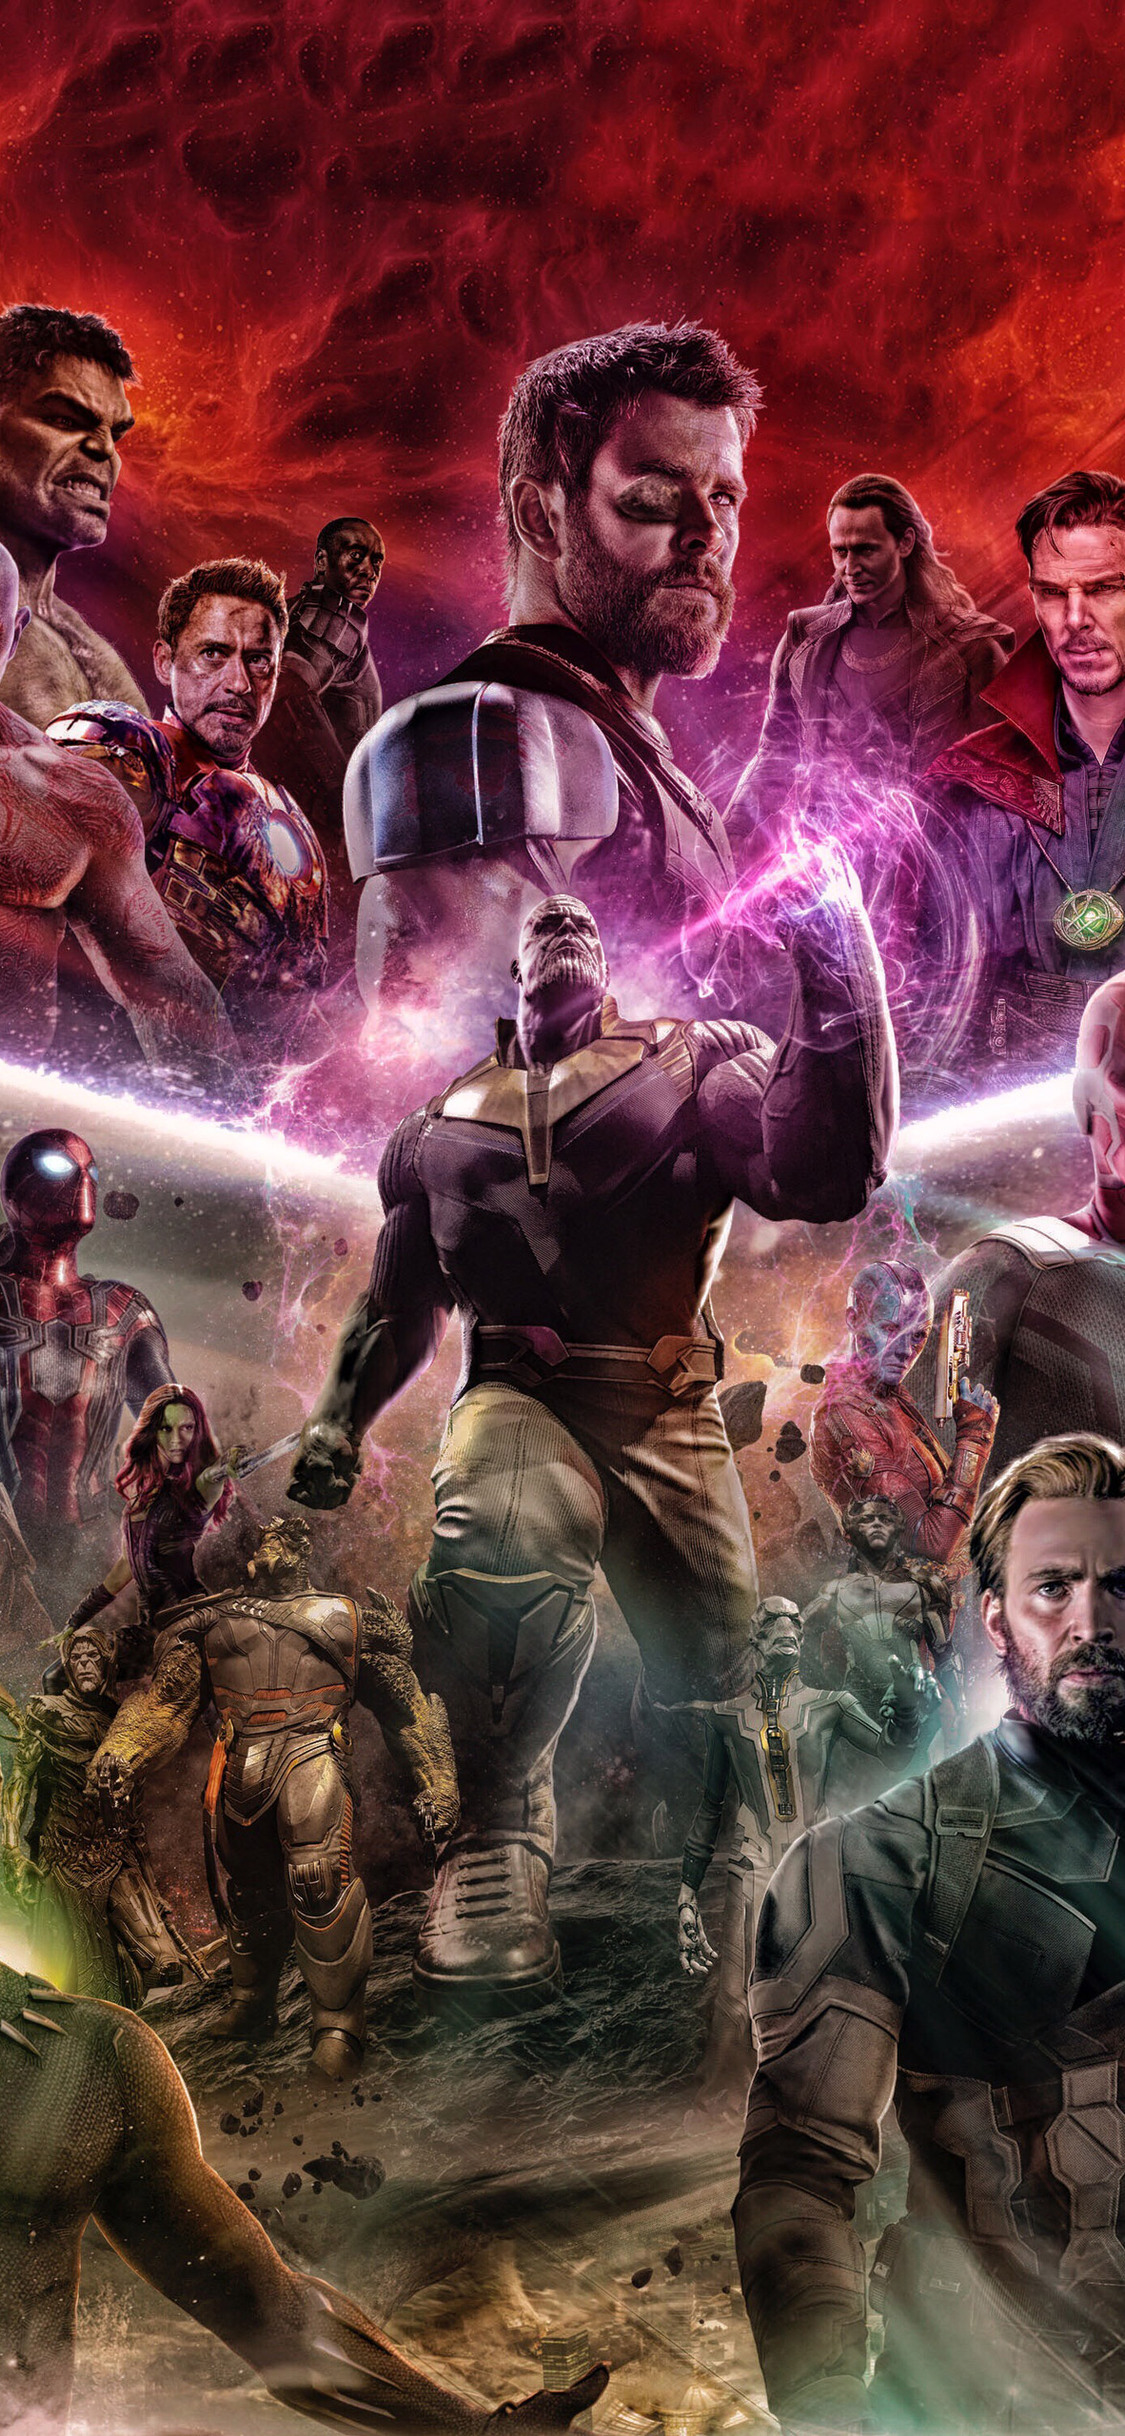 1125x2436 avengers infinity war 2018 artwork fan made - Avengers infinity war wallpaper iphone ...